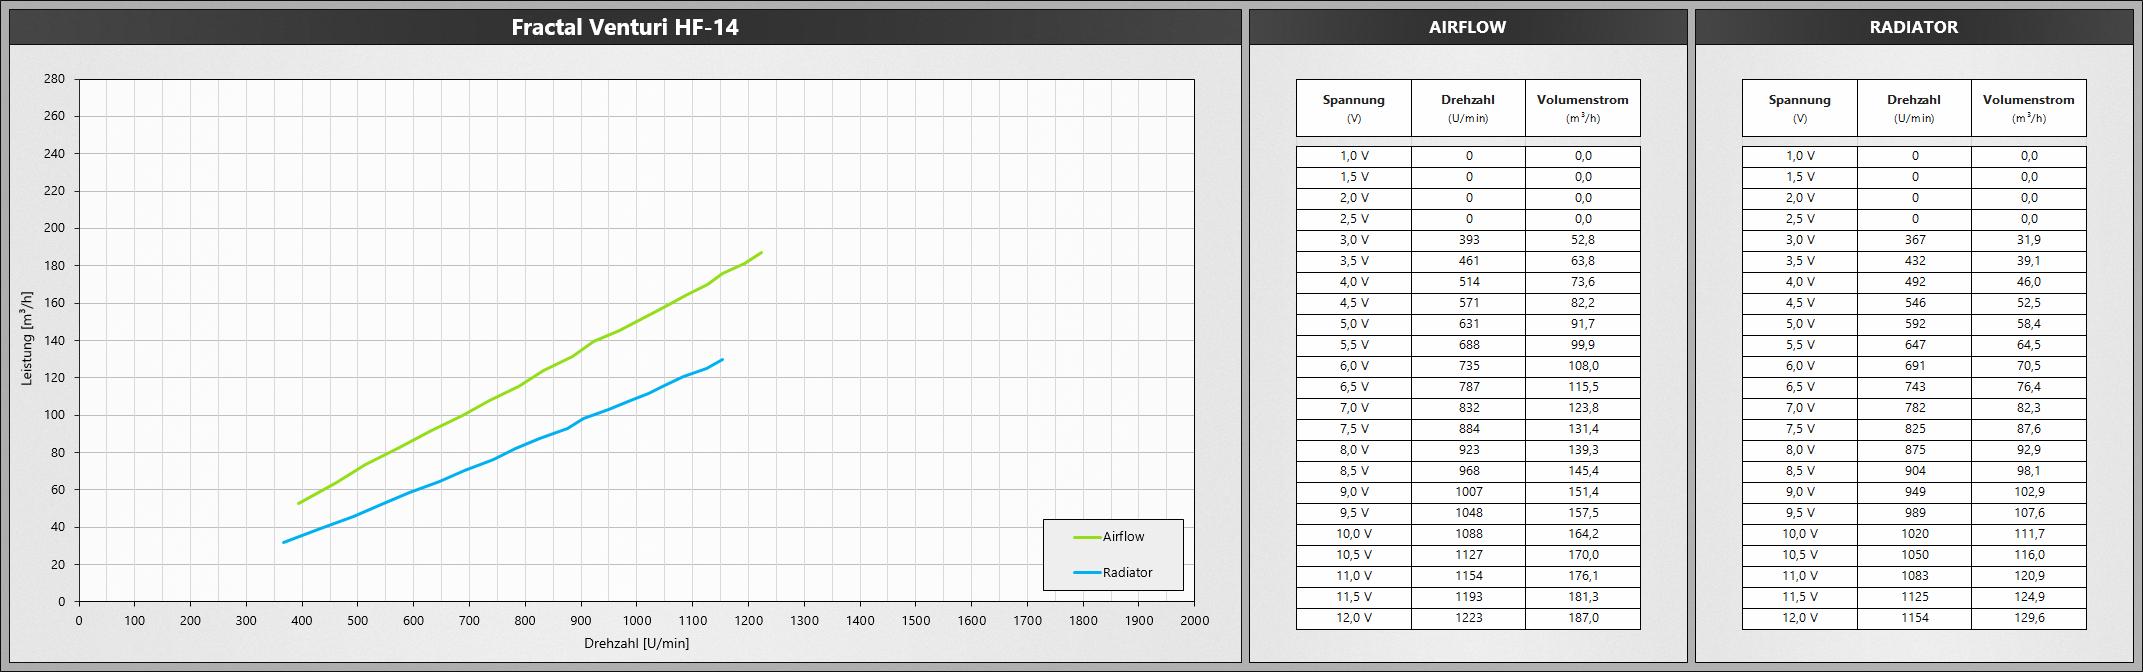 Klicken Sie auf die Grafik für eine größere Ansicht  Name:FractalVenturiHF14.png Hits:665 Größe:474,2 KB ID:1074763